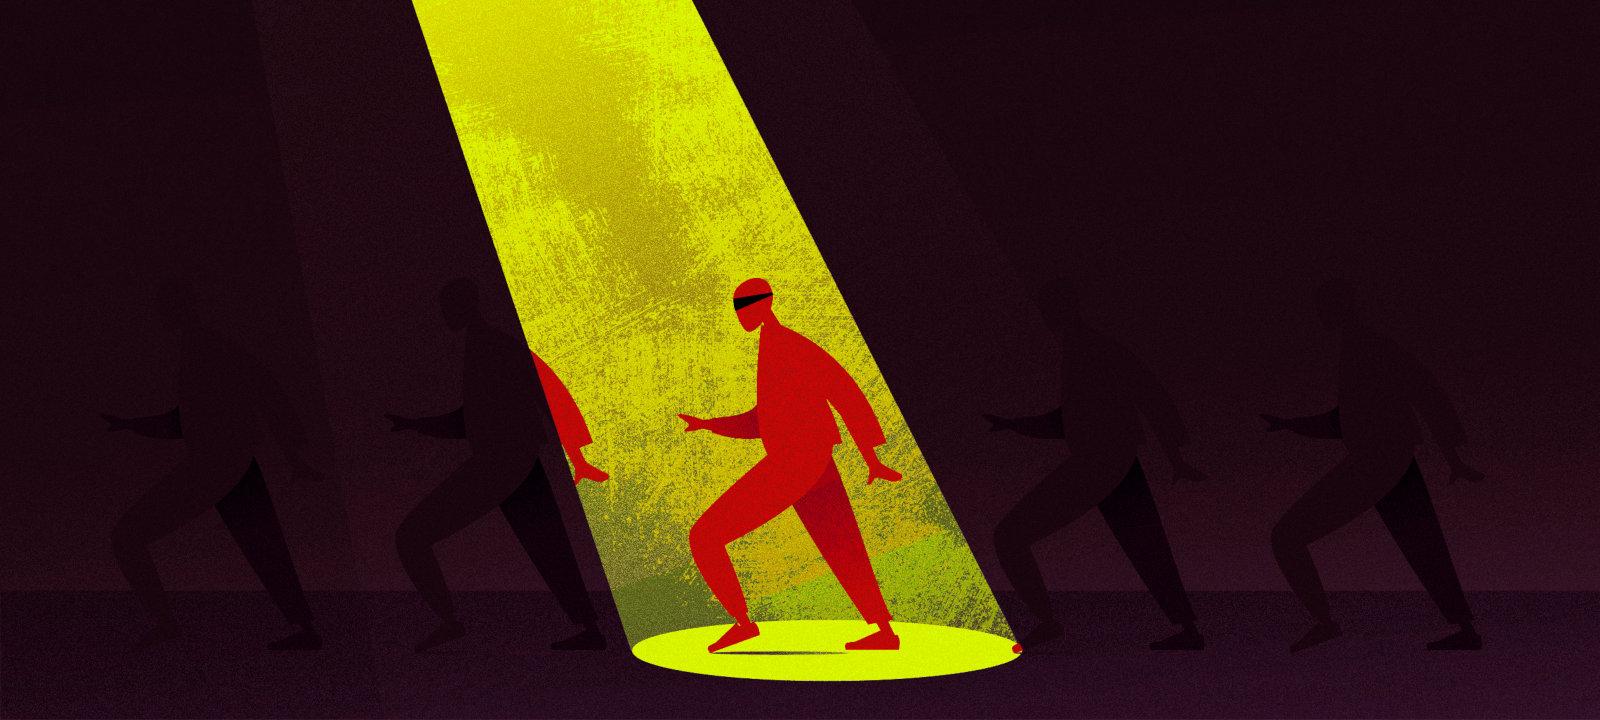 Попался! Что делать, если тебя привлекают к уголовной ответственности за киберпреступление